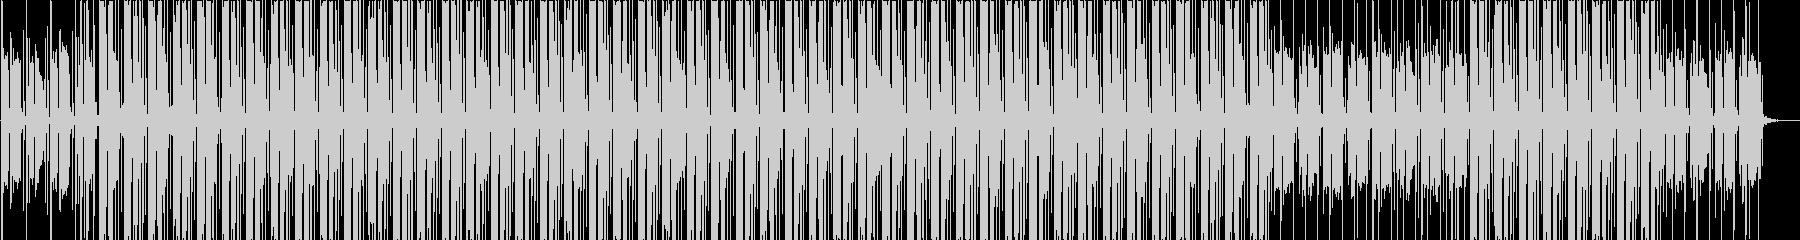 秋を感じるメロウなギターのヒップホップの未再生の波形